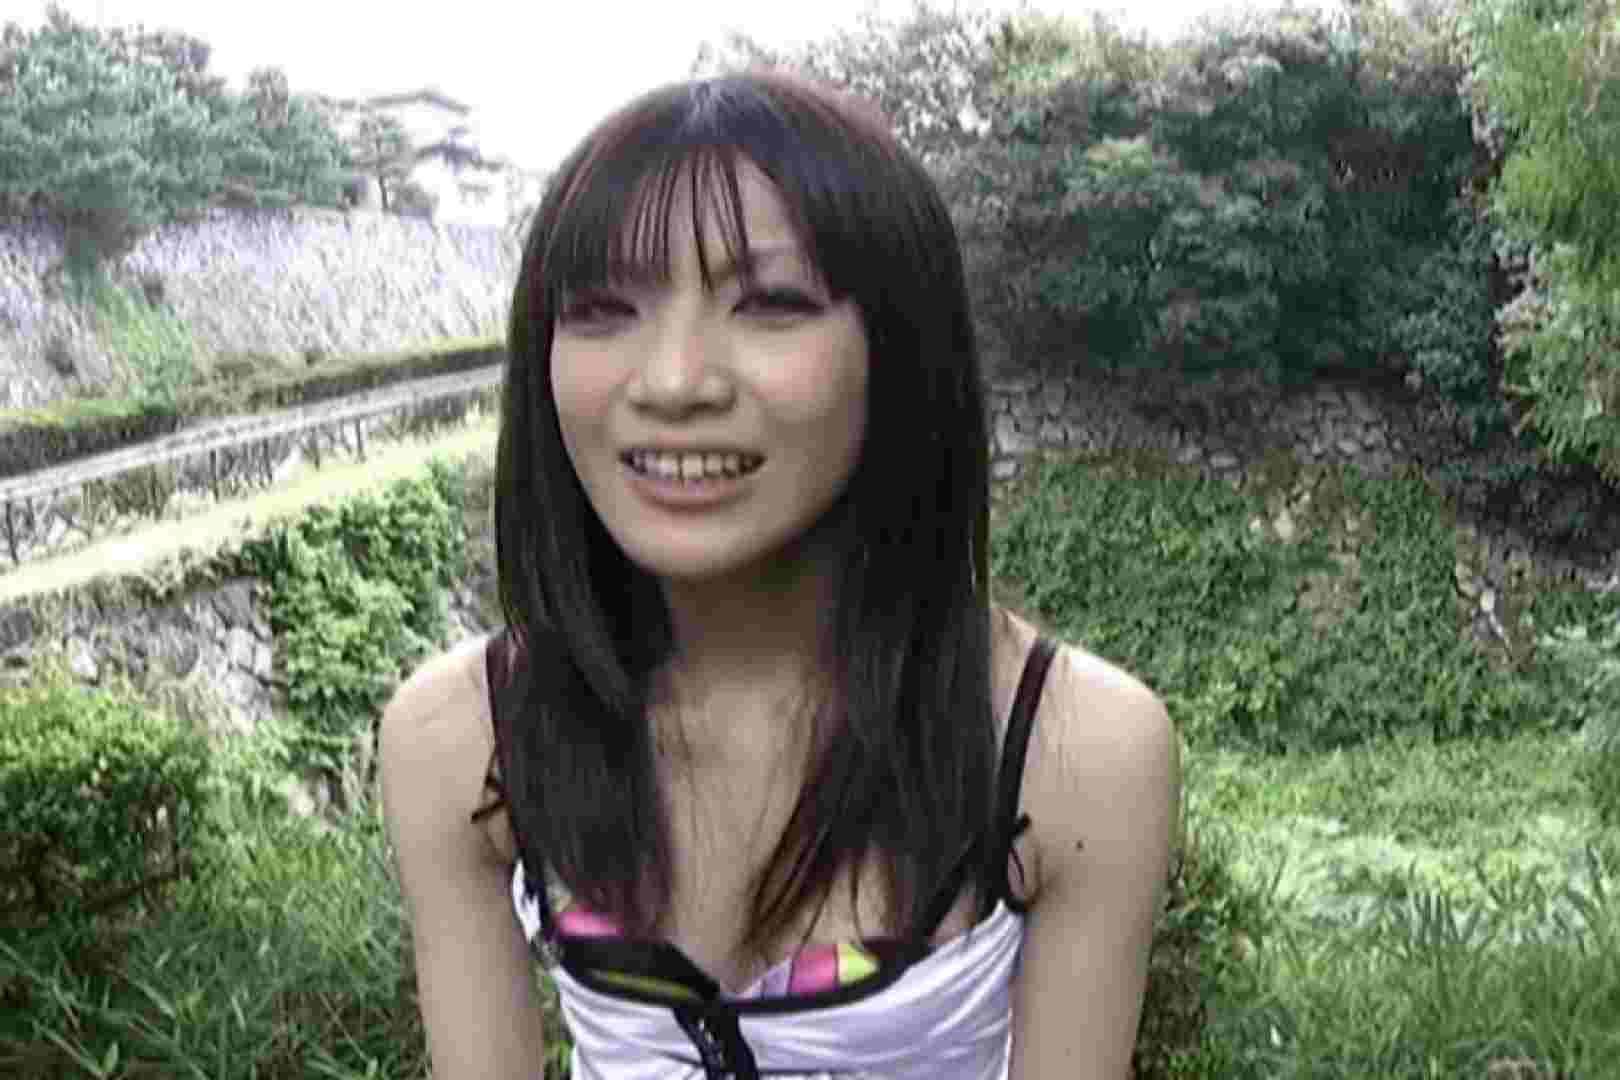 ハイビジョンパンチラ オッテQさんの追跡パンチラ制服女子編Vol.05 ミニスカート AV動画キャプチャ 93連発 75